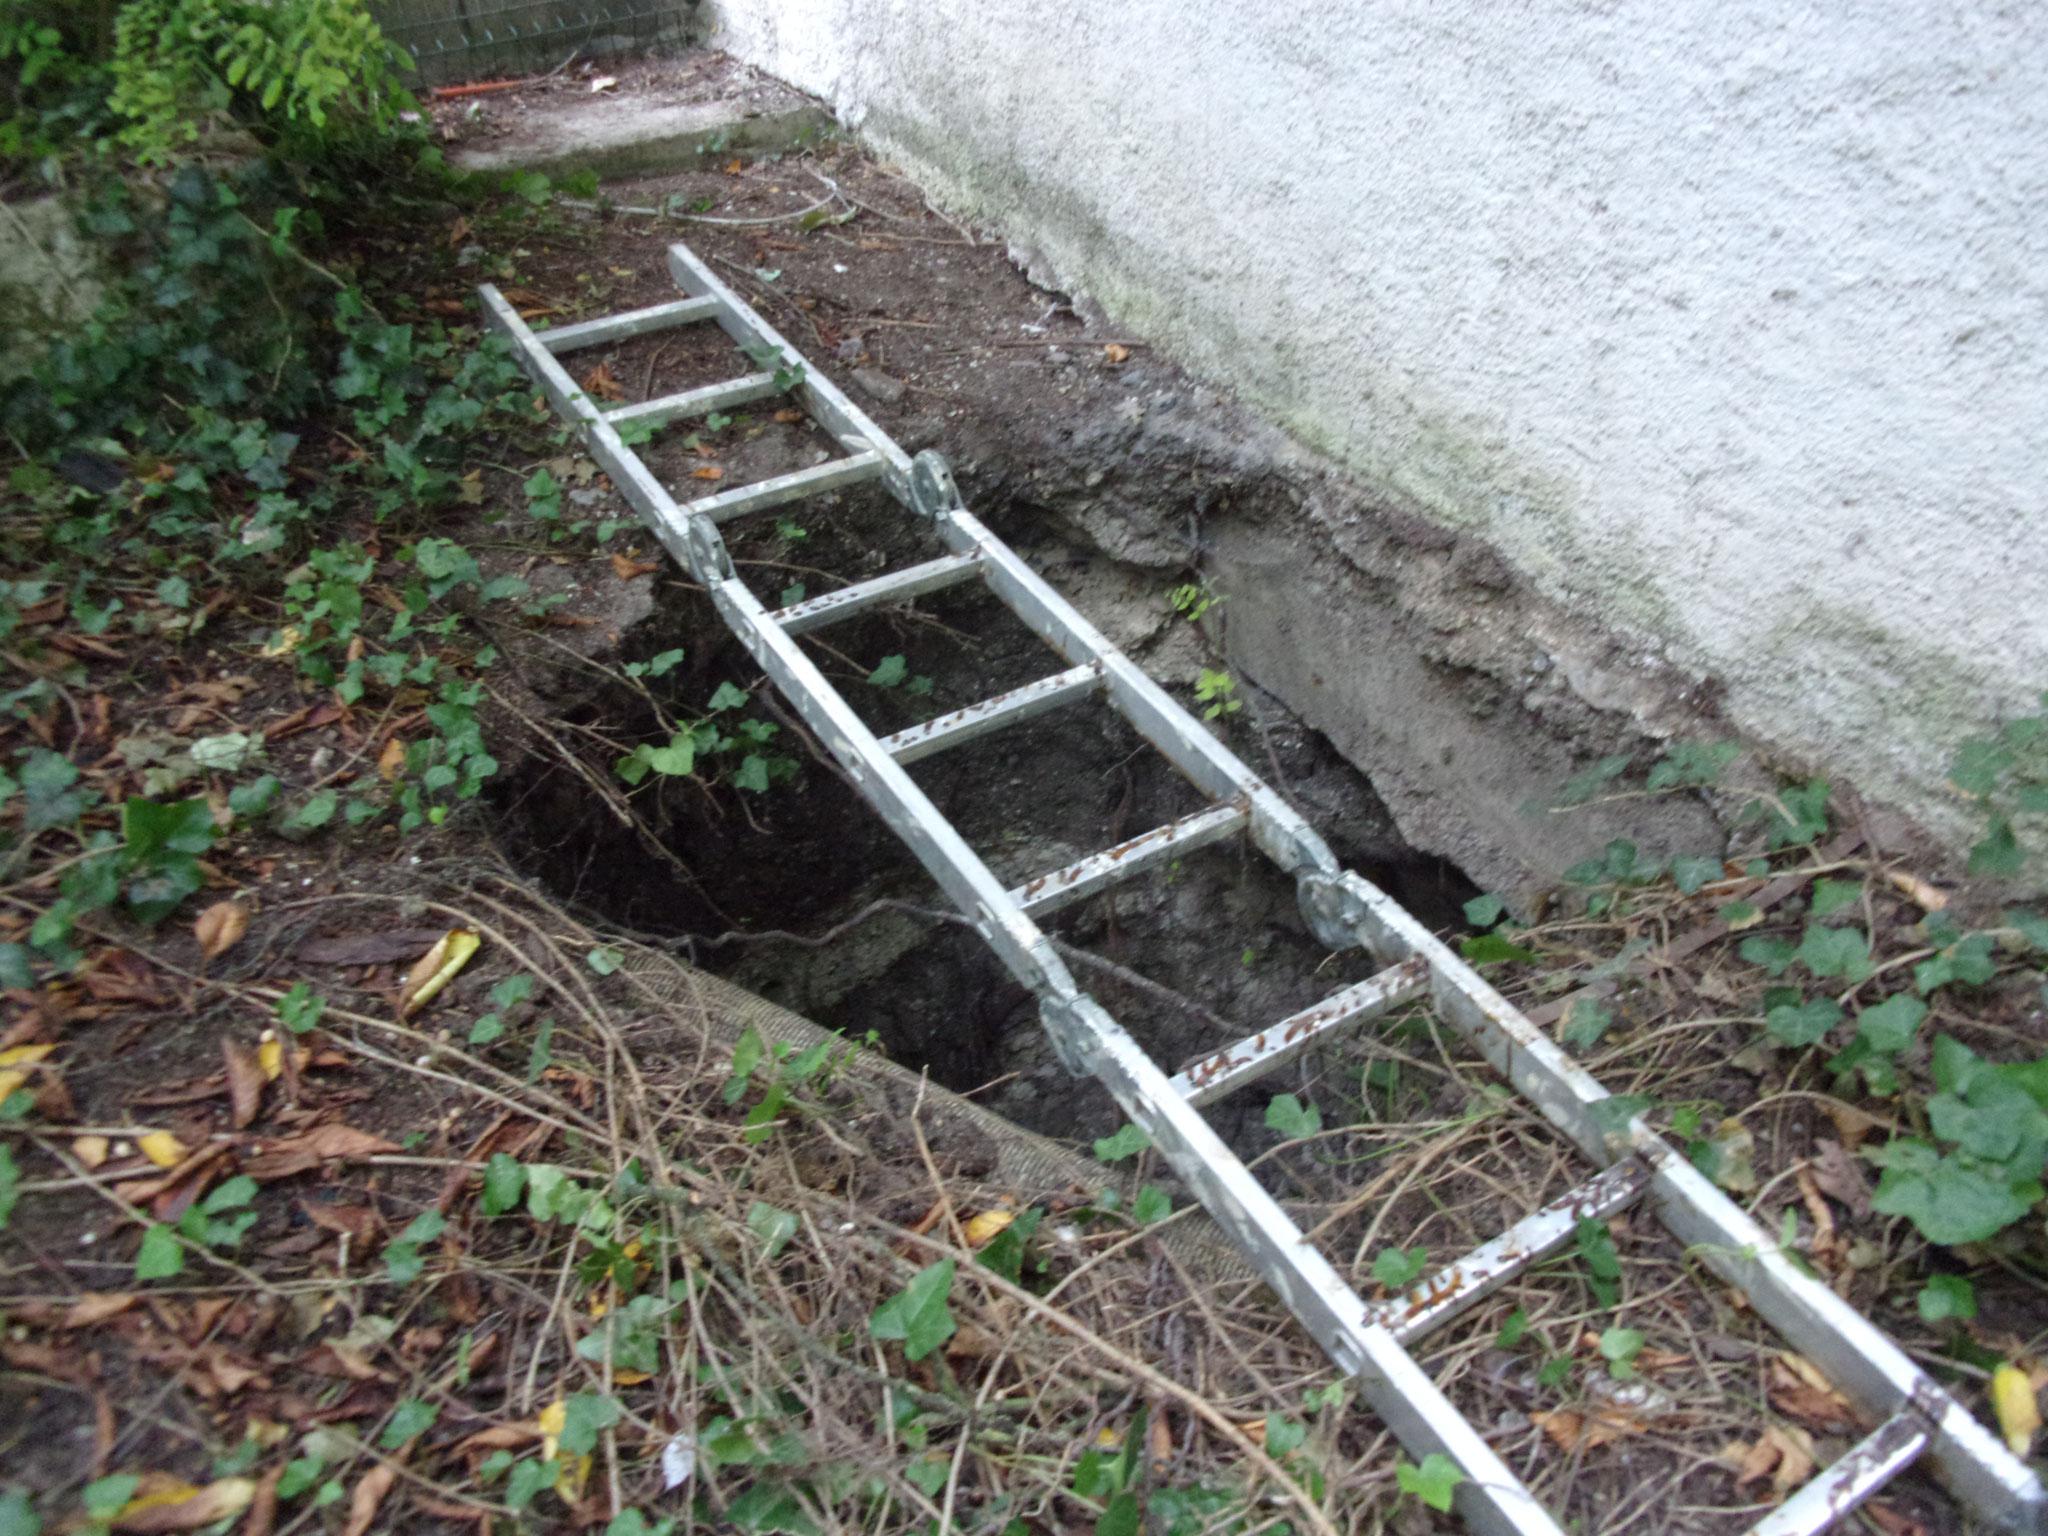 Inondation : Analyse cavité pour mise en sécurité de l'habitation